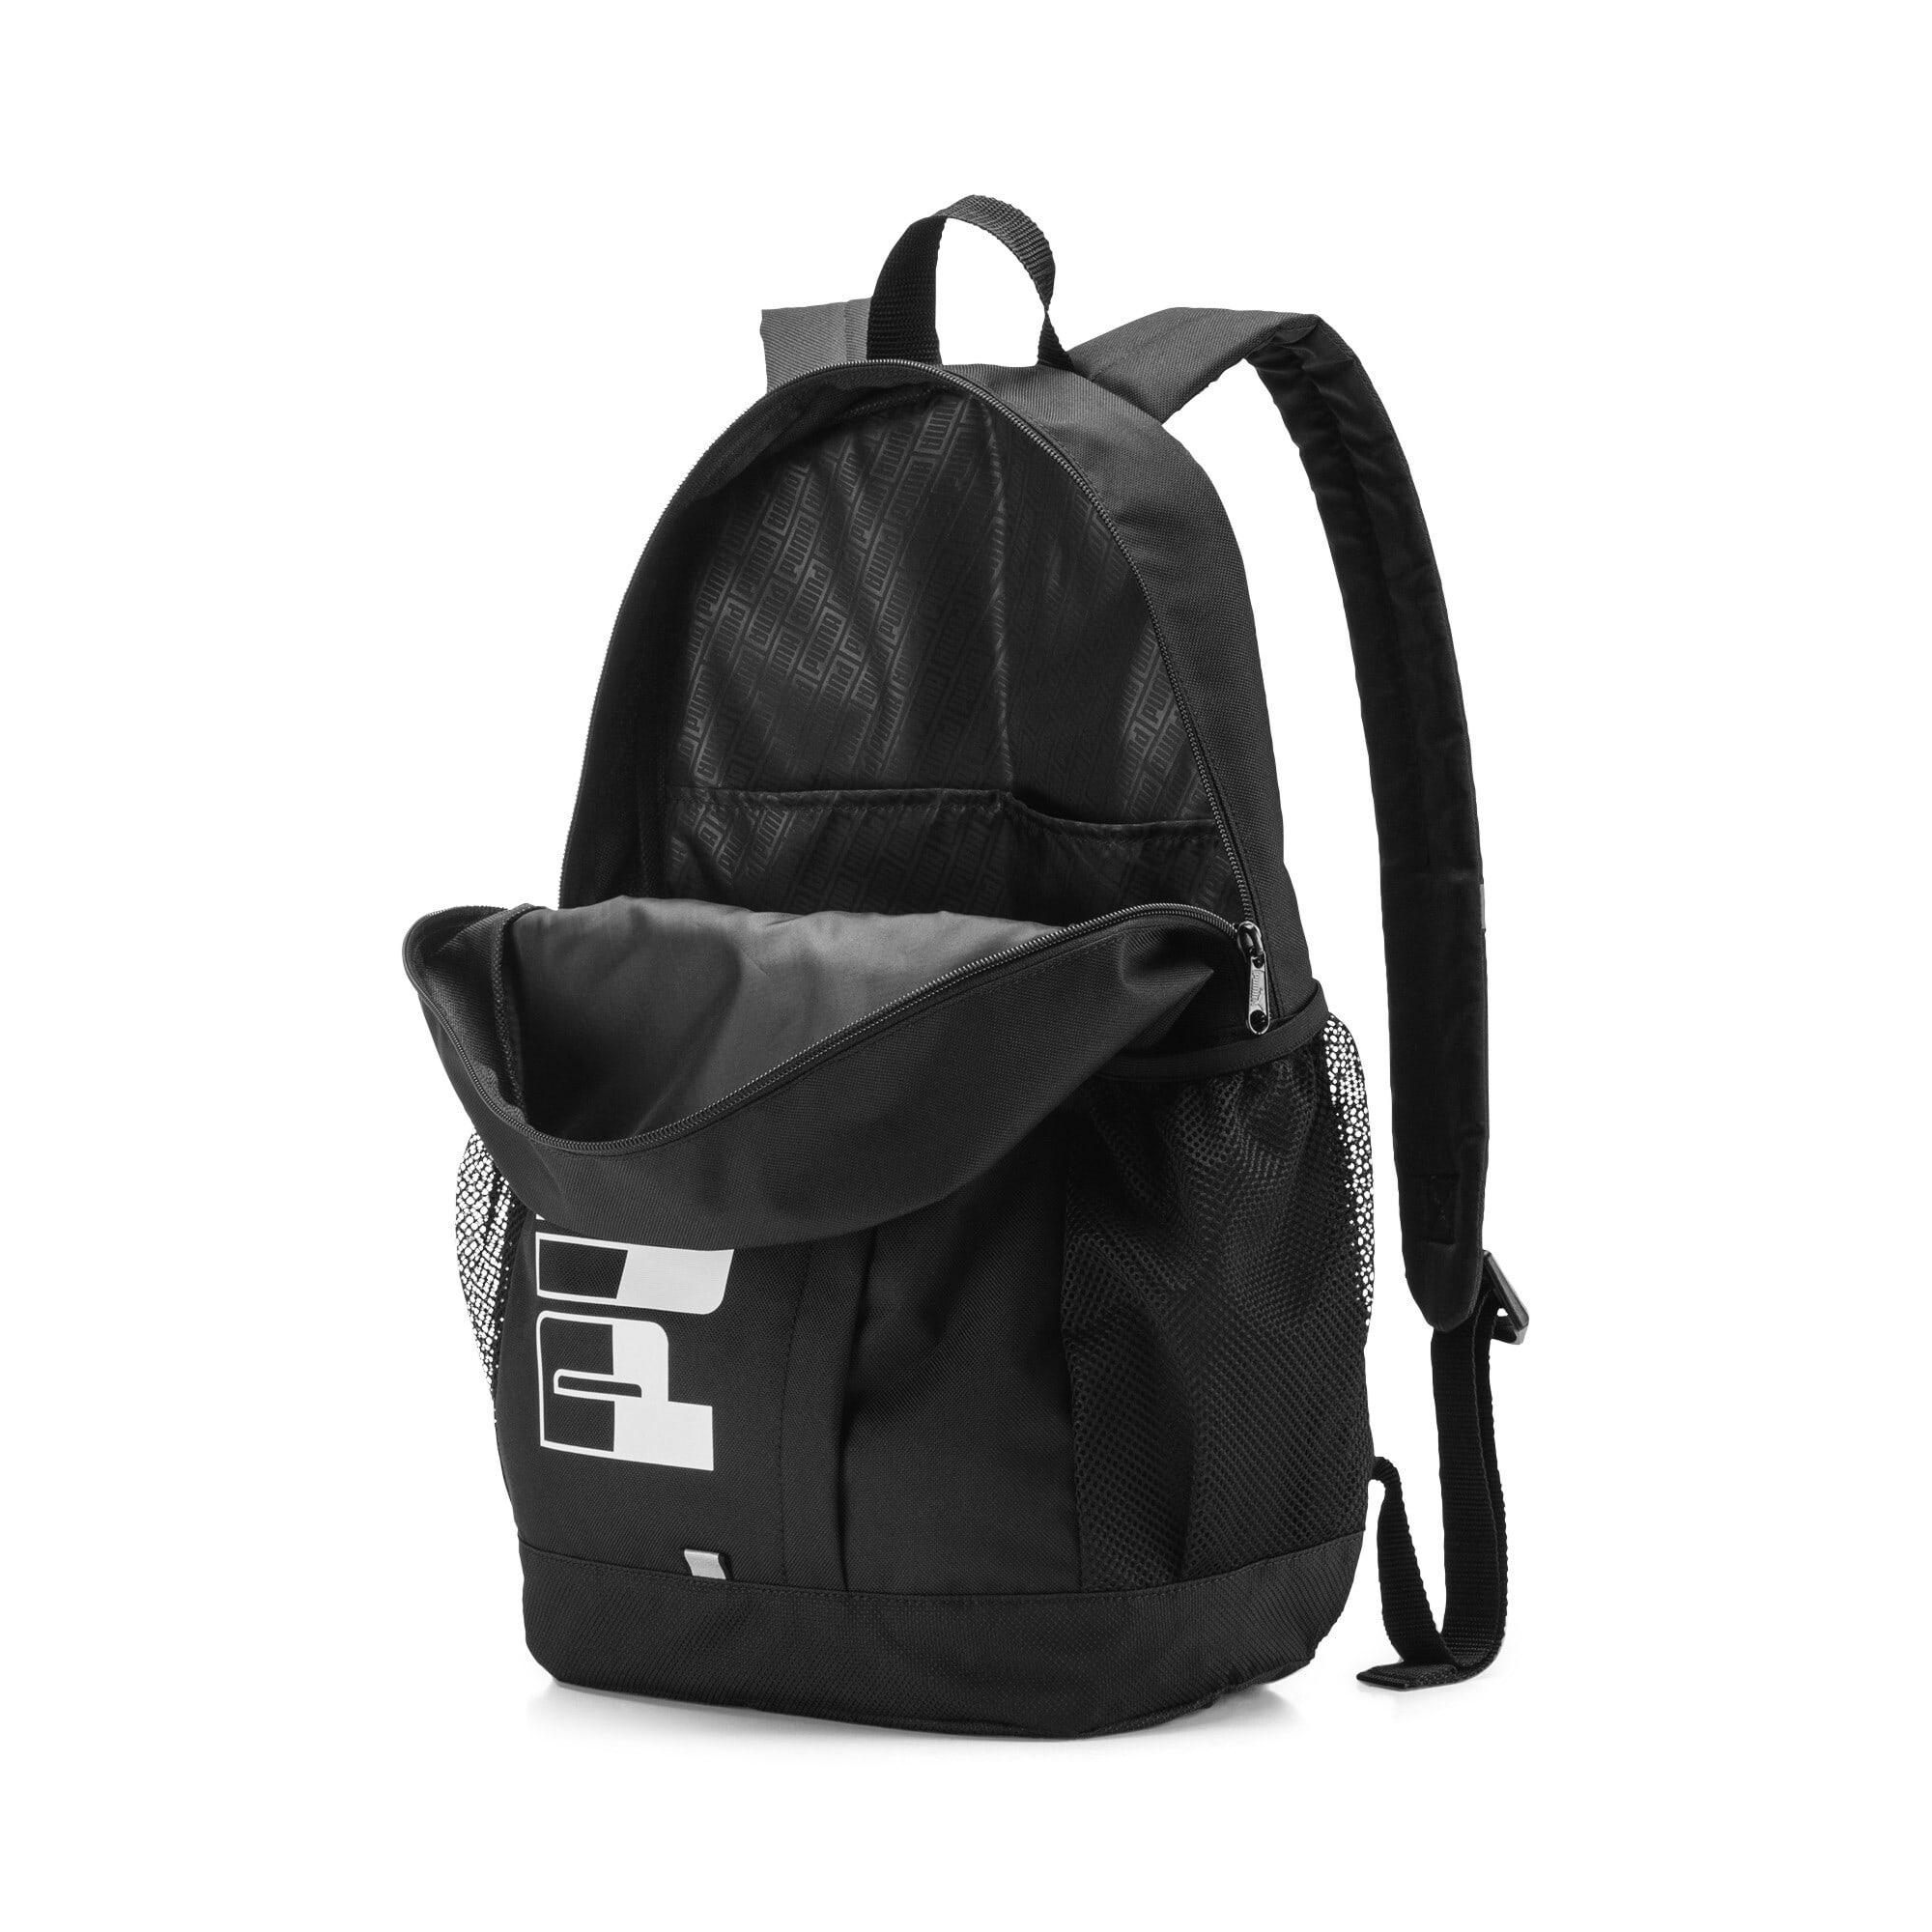 Thumbnail 4 of Plus II Backpack, Puma Black, medium